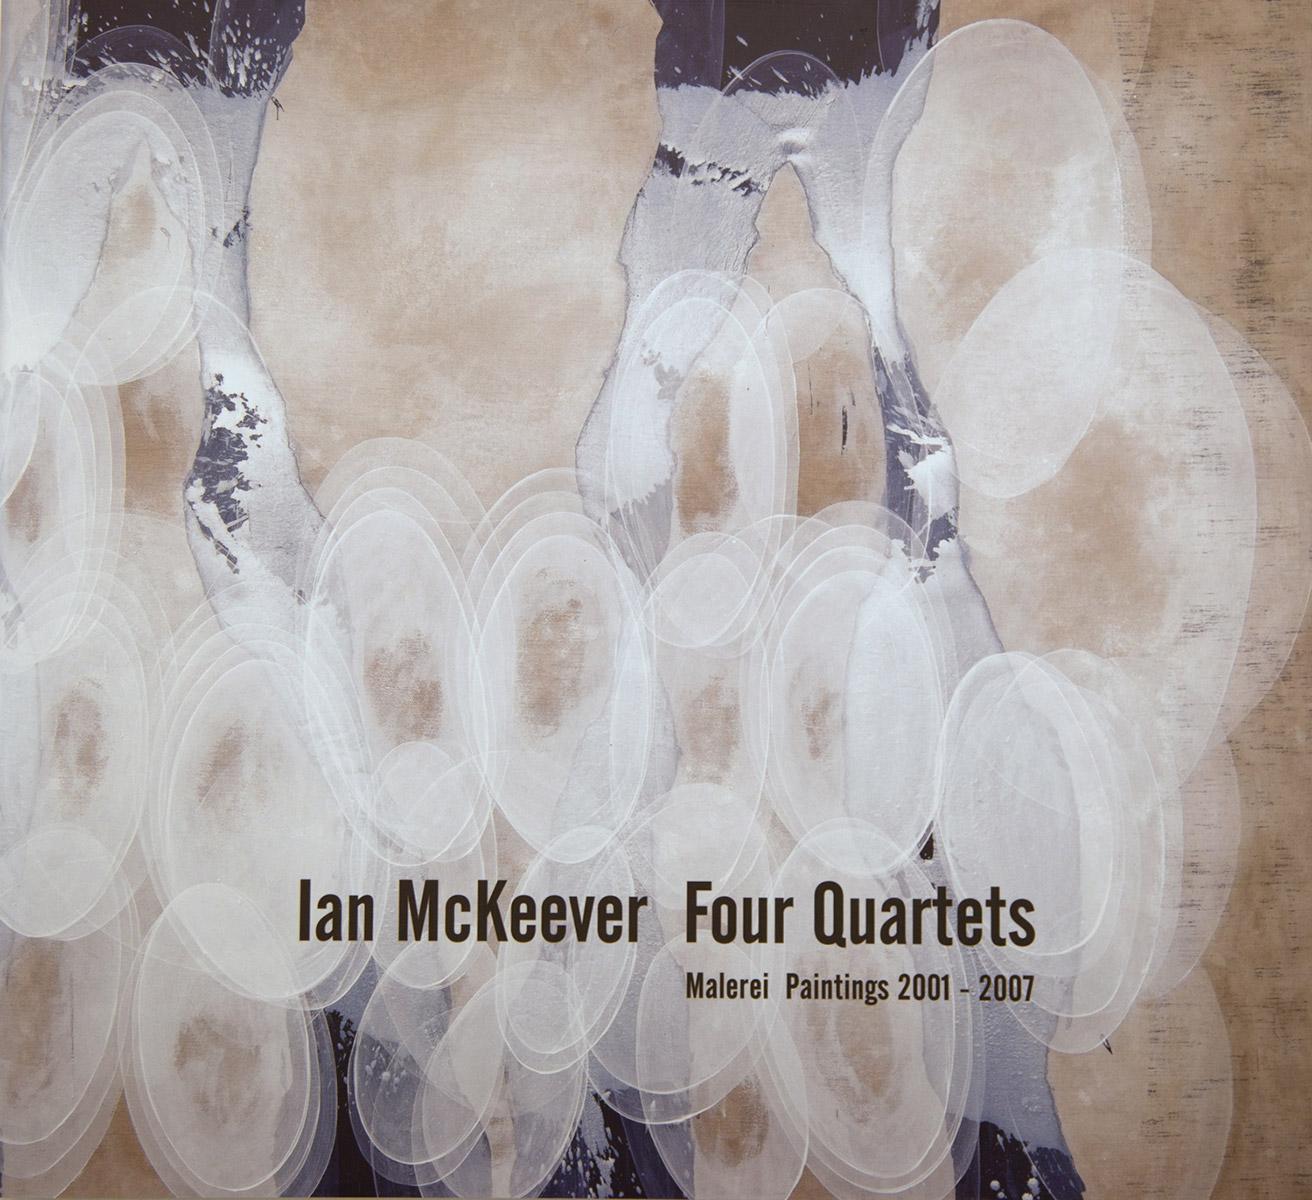 Four Quartets, Malerei / Paintings 2001-2007